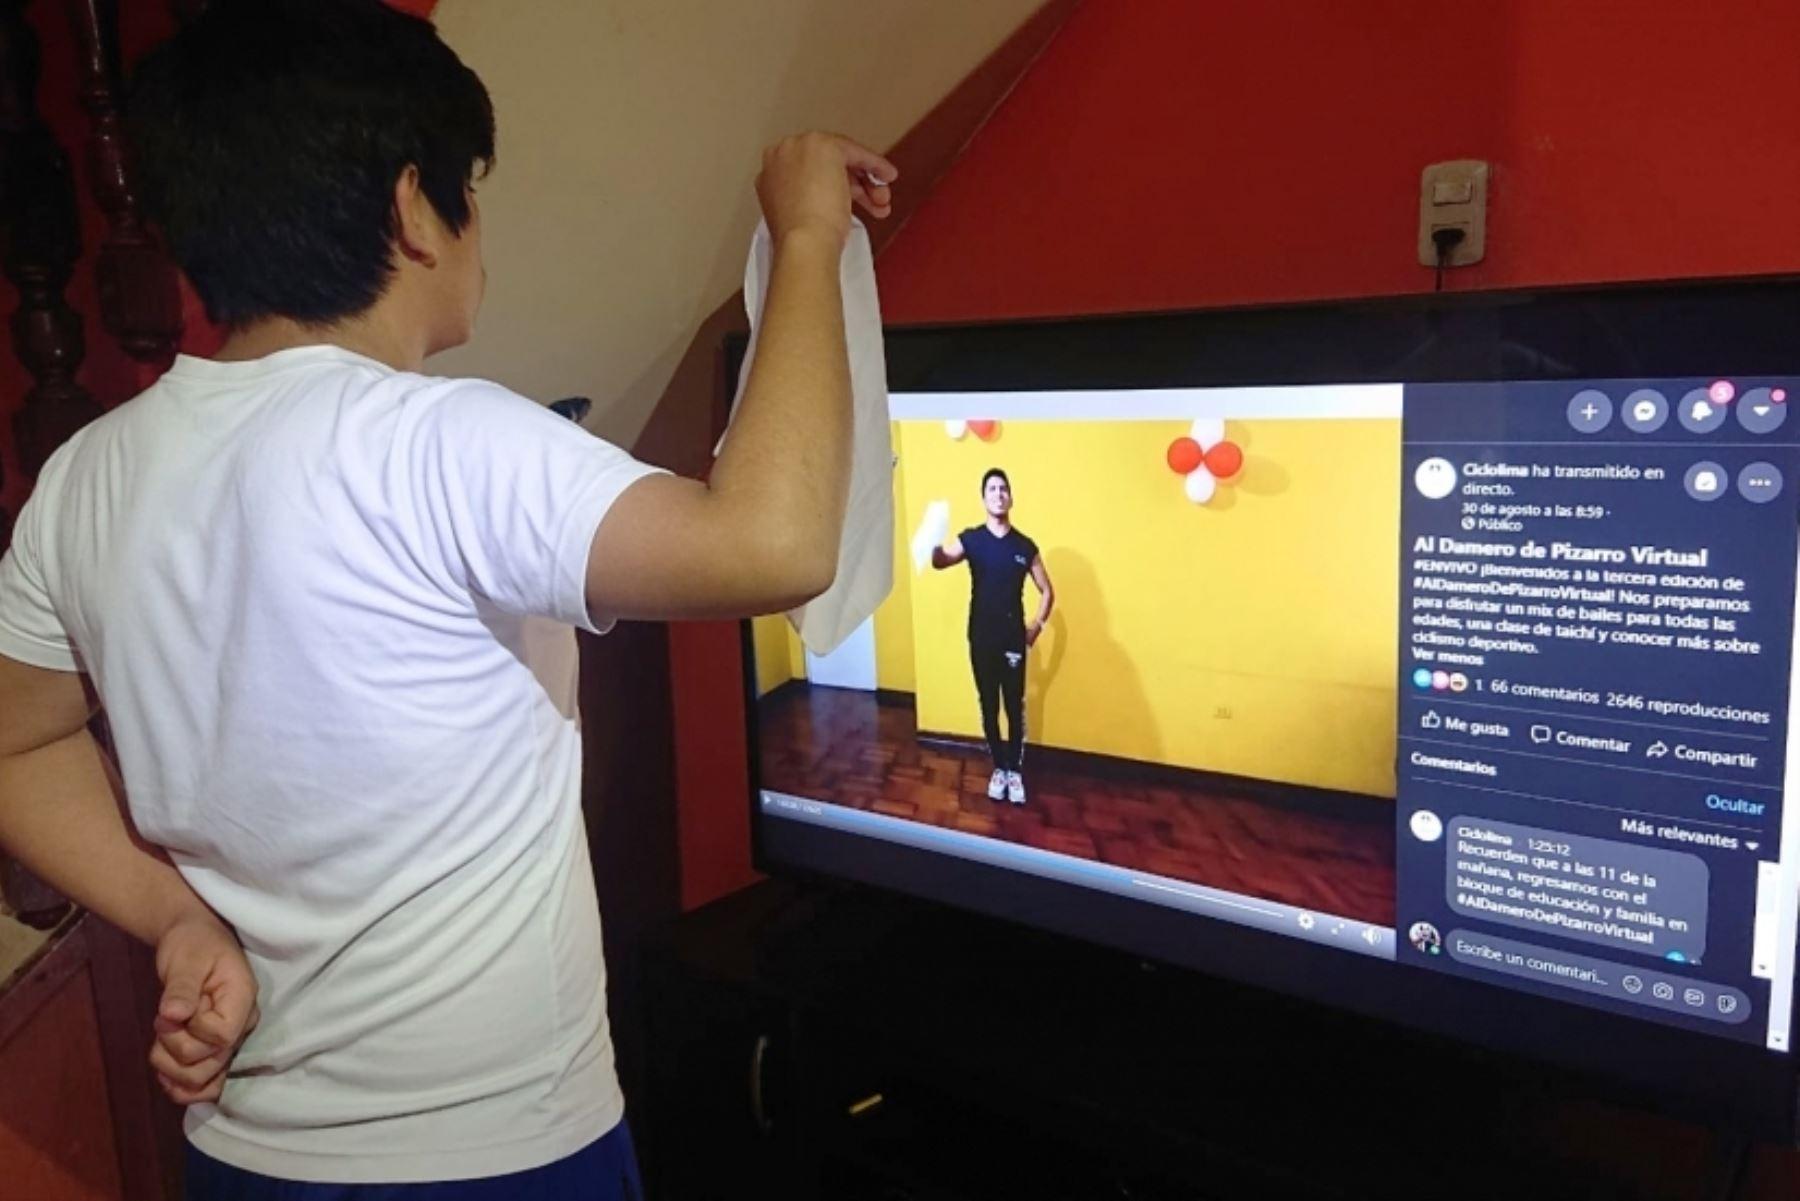 Disfruta hoy desde casa el programa Al Damero de Pizarro virtual. Foto: ANDINA/Difusión.